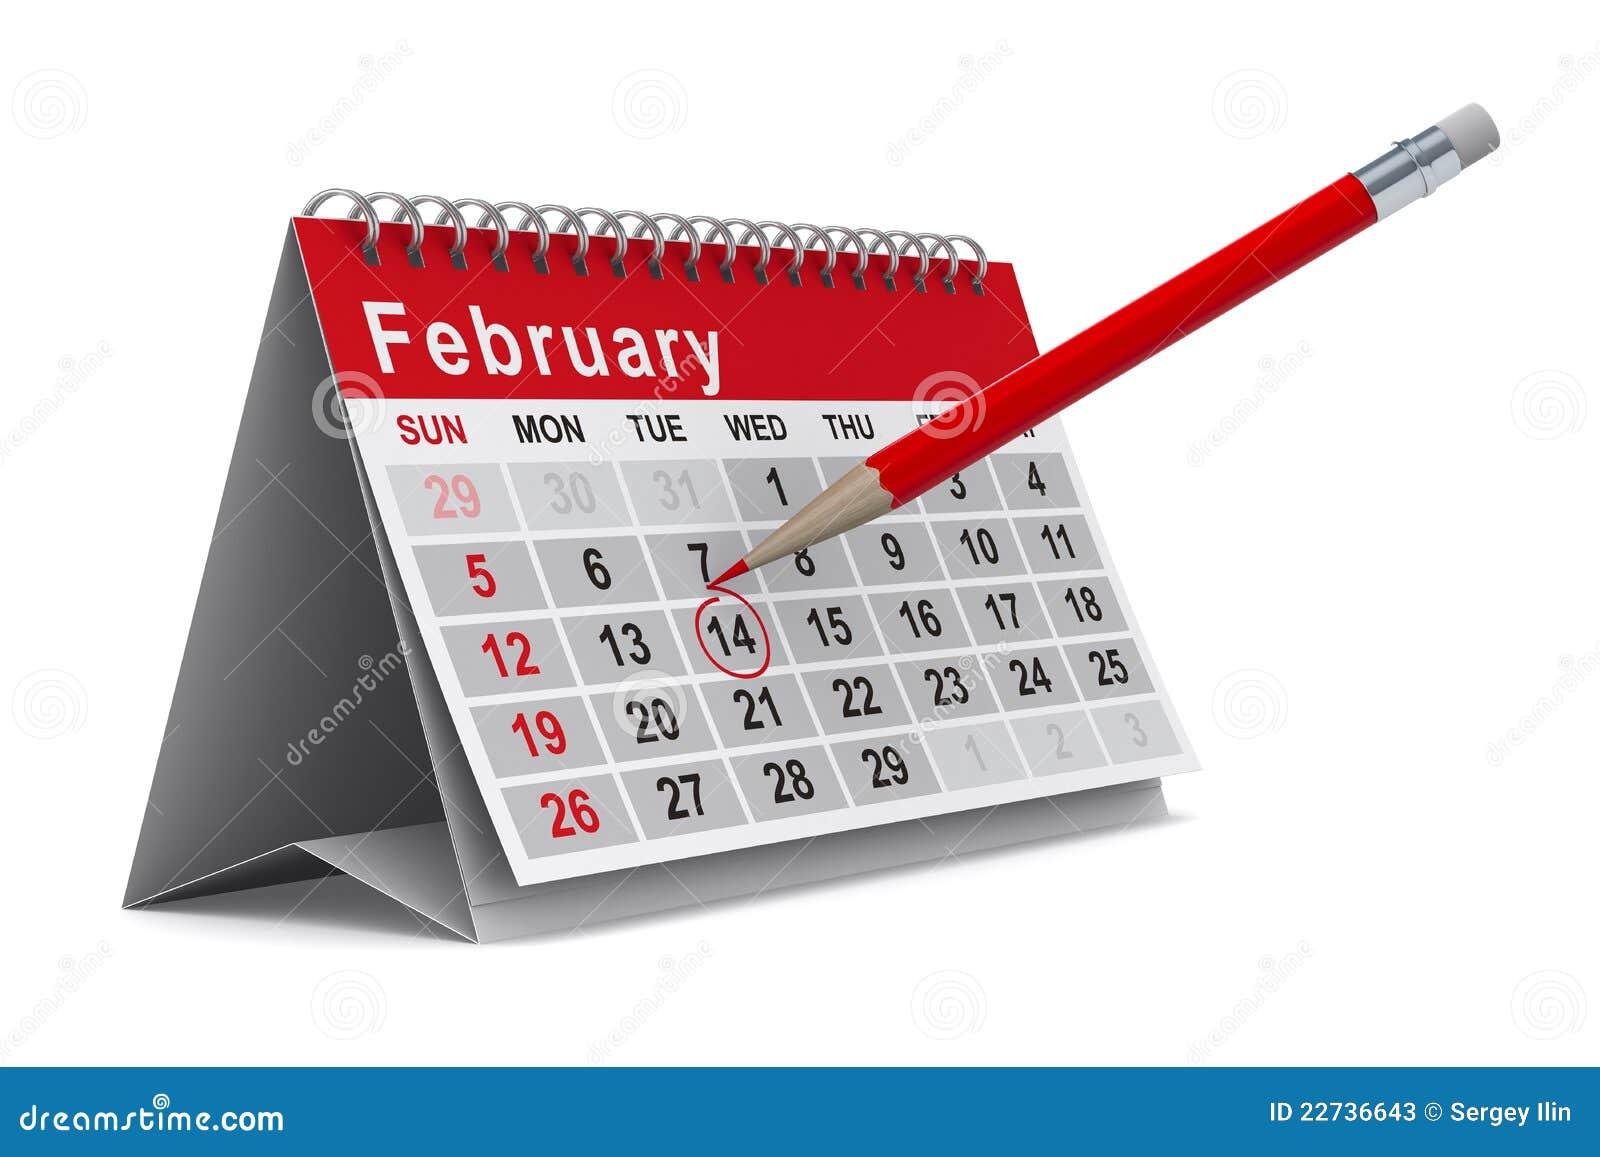 Calendar Sheet Rubber : Calendar on white background stock illustration